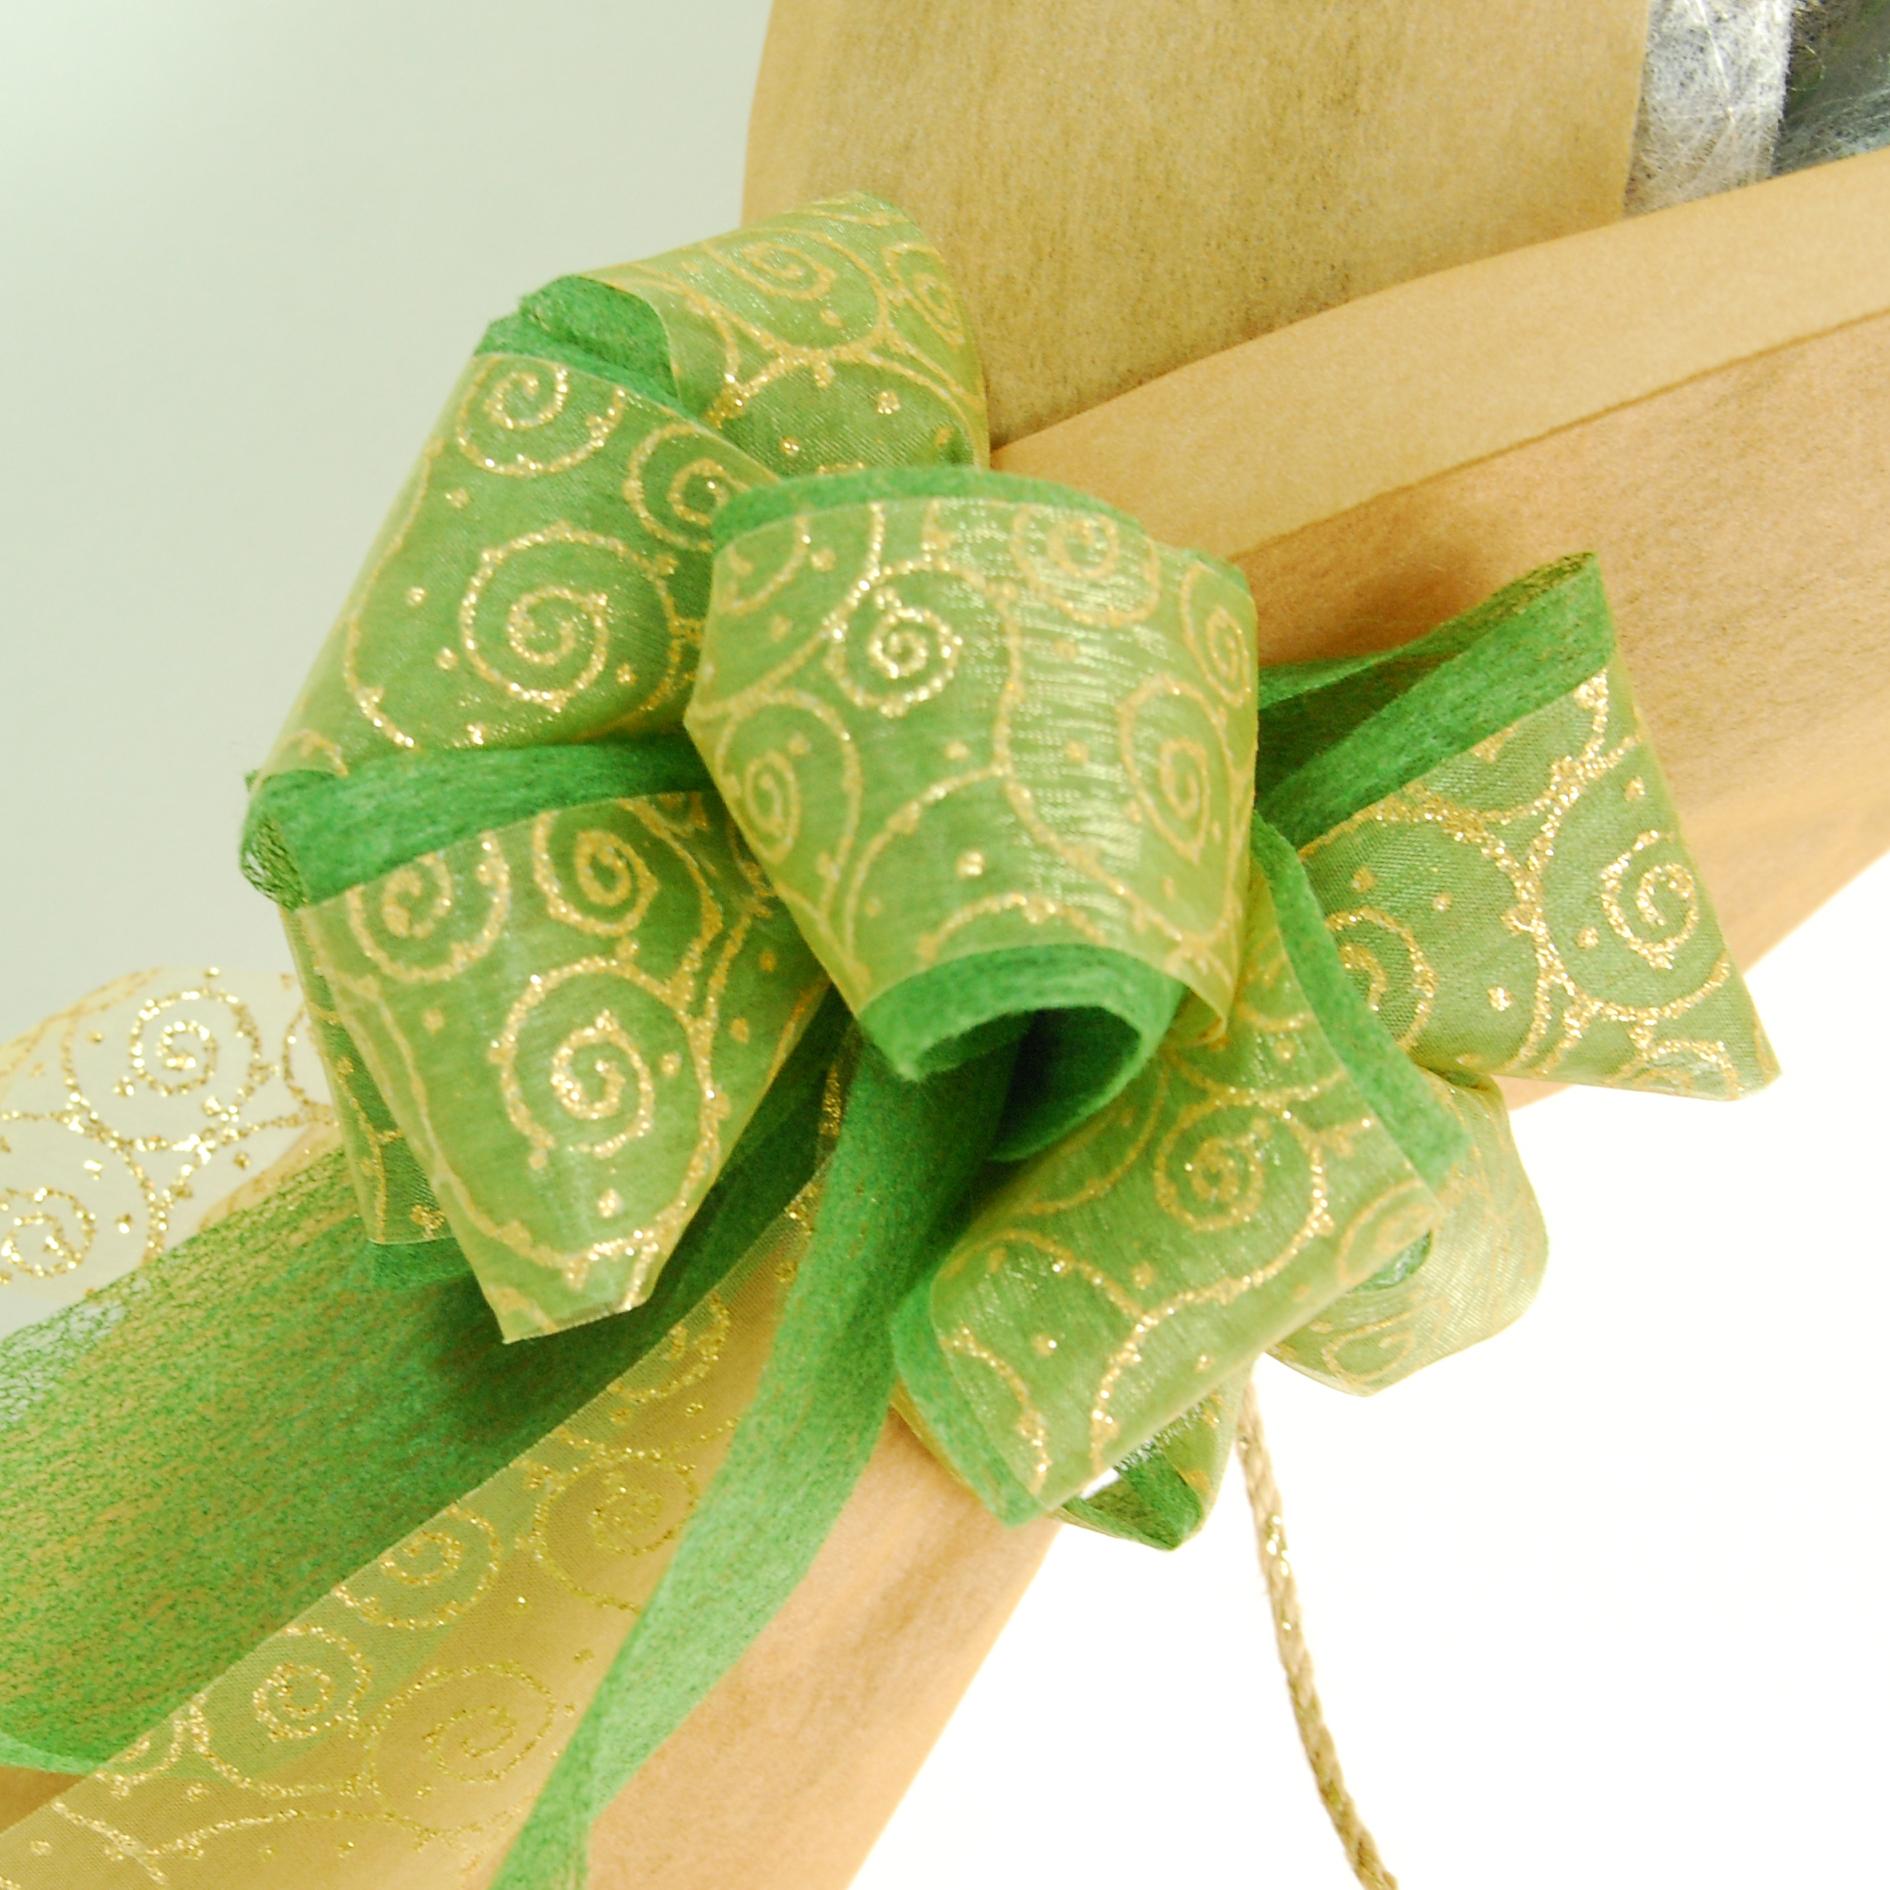 【巧繪網—傳情花束花禮】FJ030054網路花店‧無盡的愛=新鮮桔梗搭配金綠色系包裝